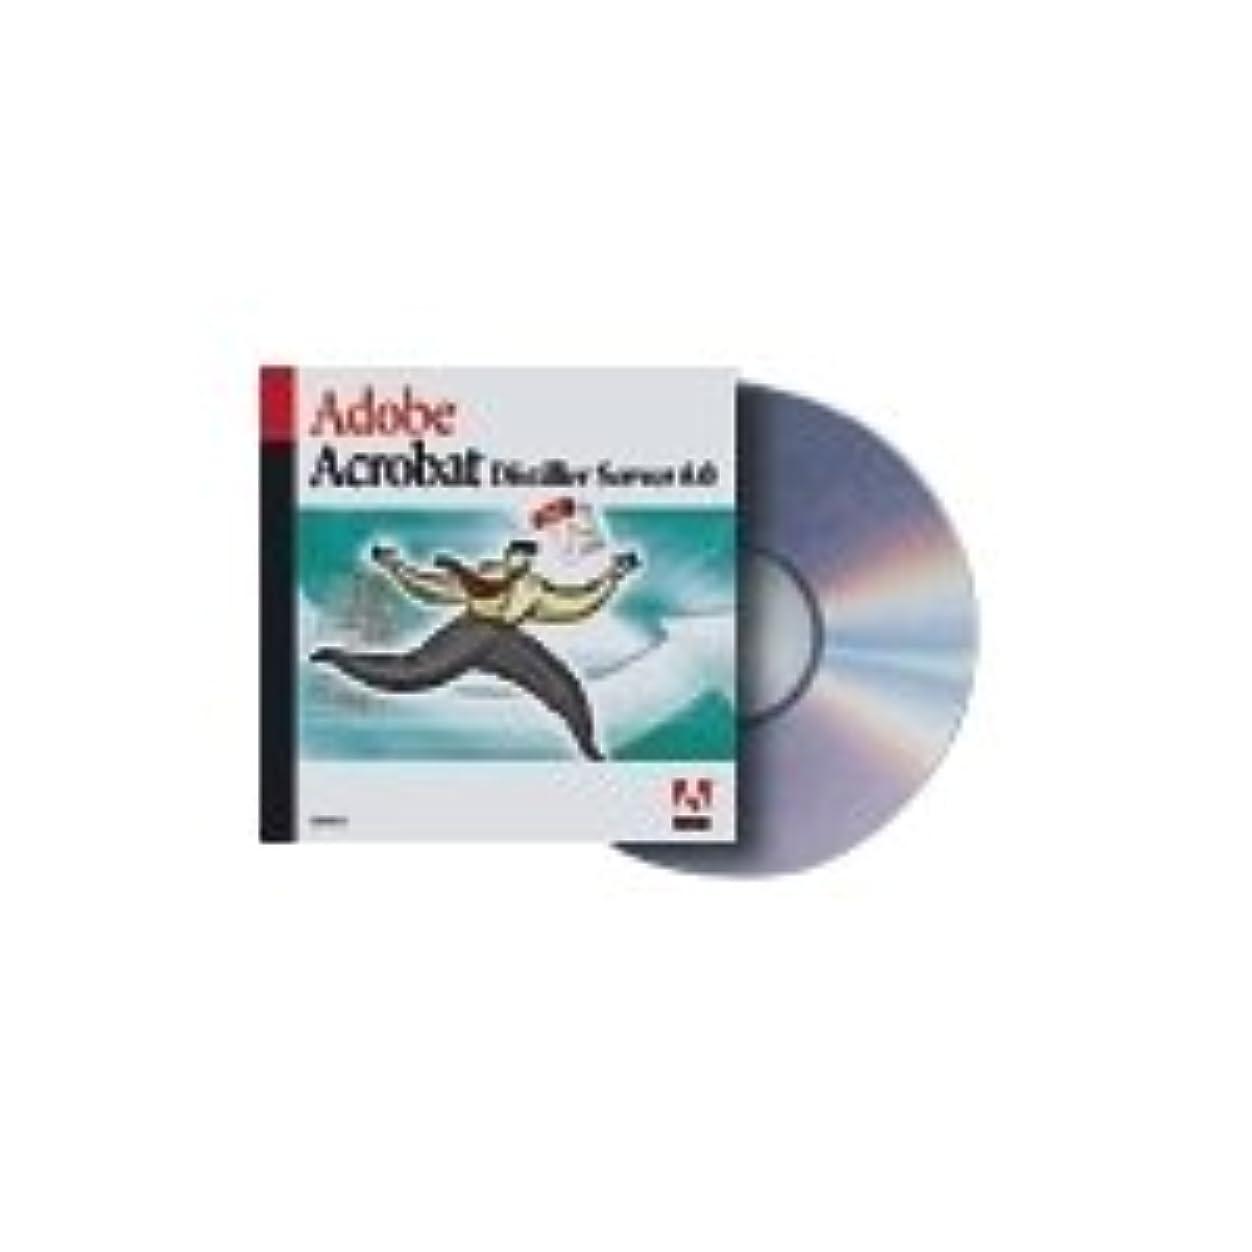 比較迅速サスティーンAdobe Acrobat Distiller Server 6.0 英語版 100ユーザ版 for Windows